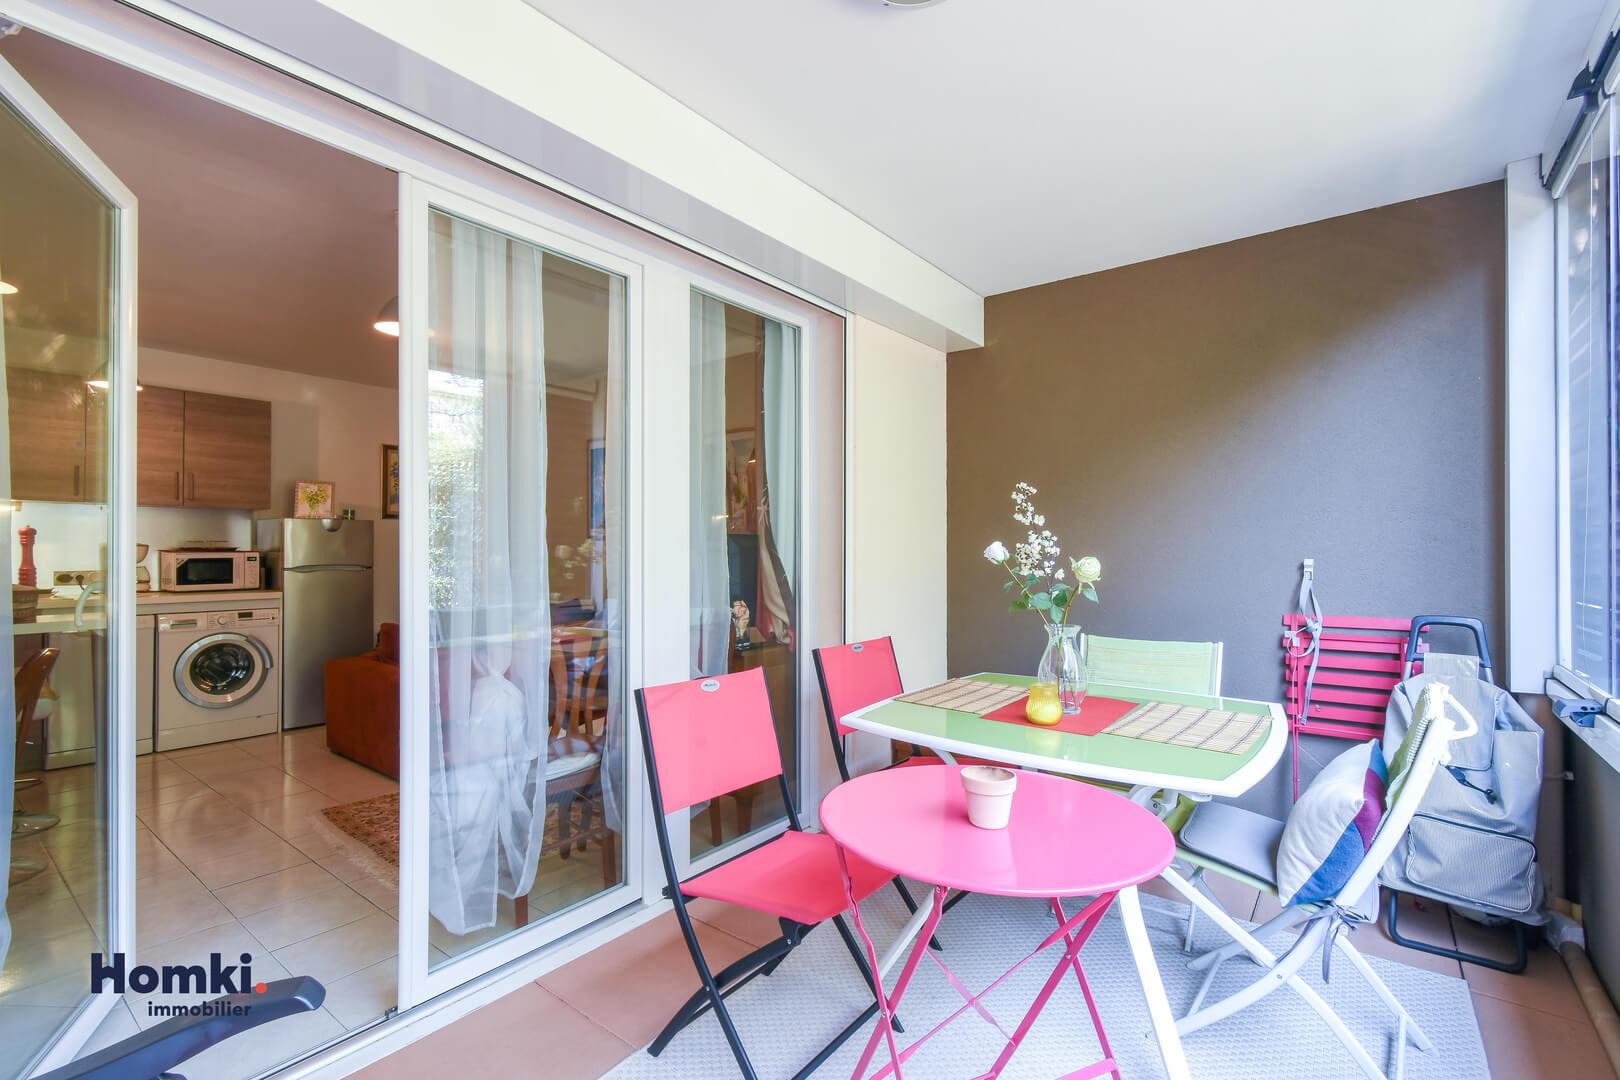 Vente appartement Saint Raphael T3 83700_2